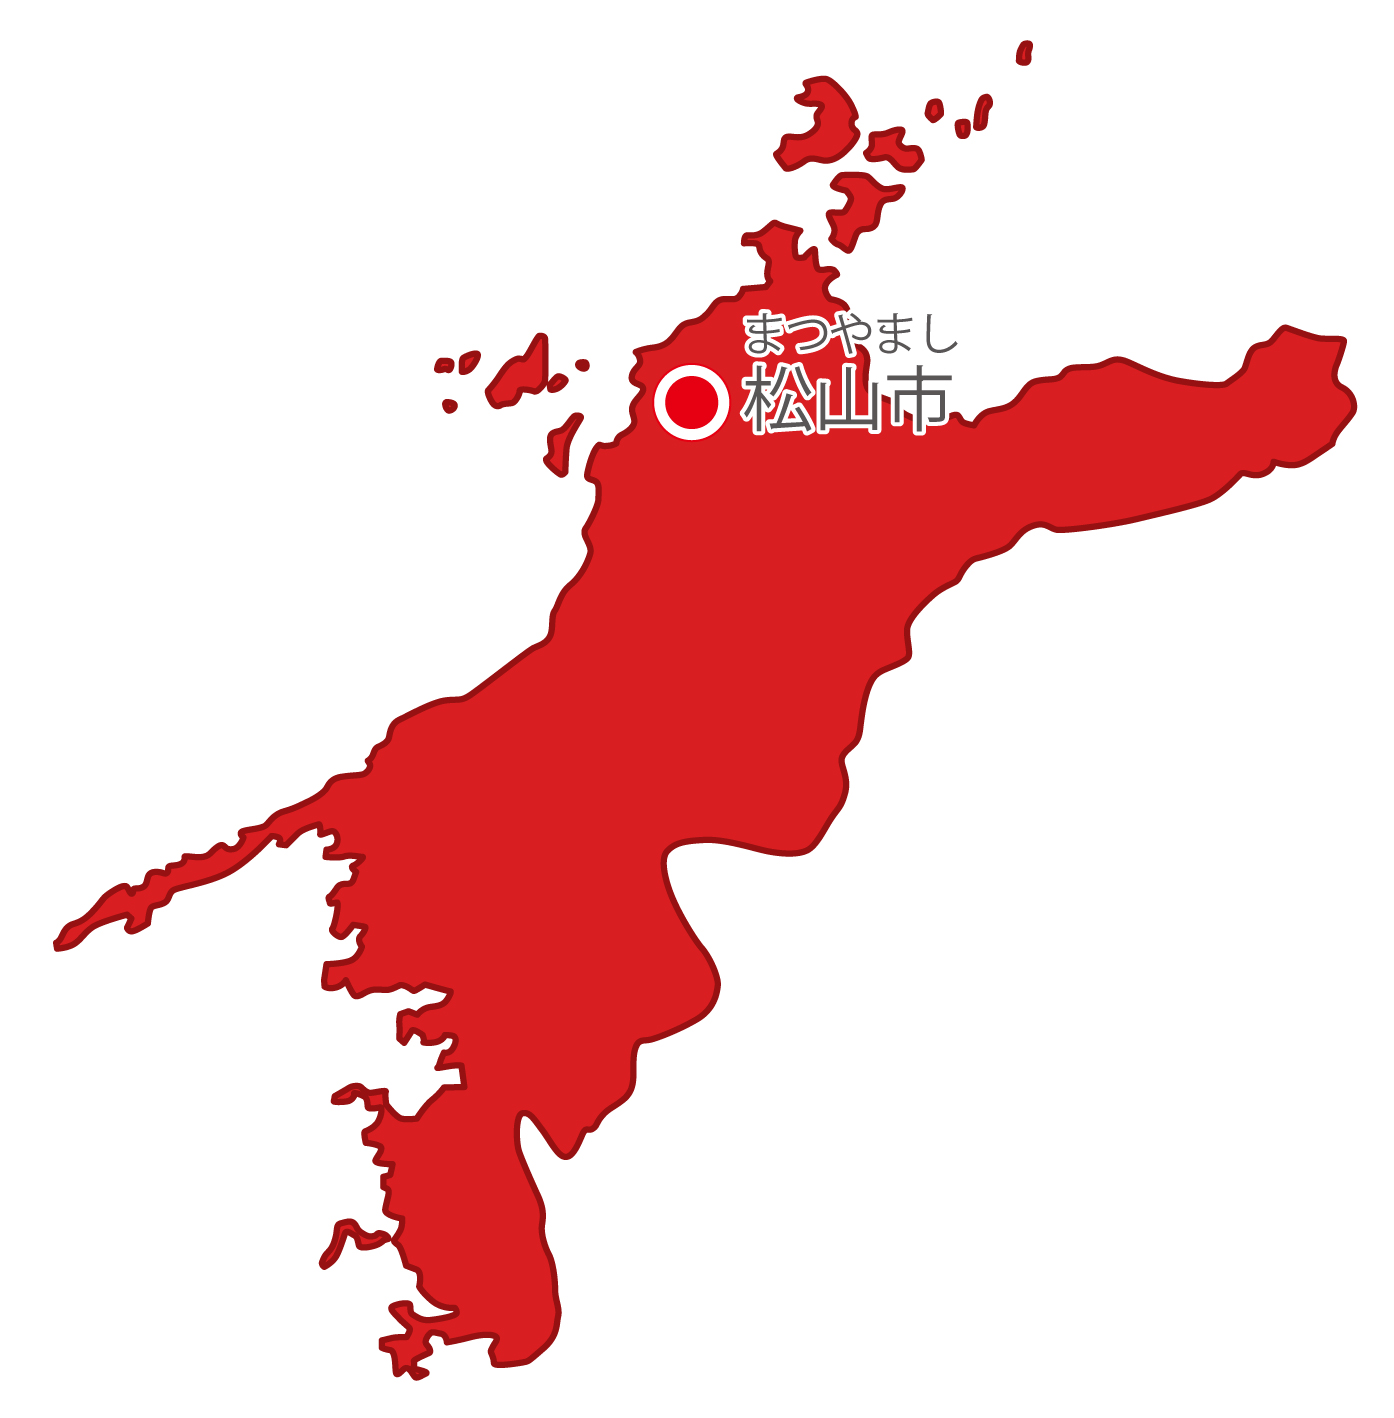 愛媛県無料フリーイラスト|日本語・県庁所在地あり・ルビあり(赤)